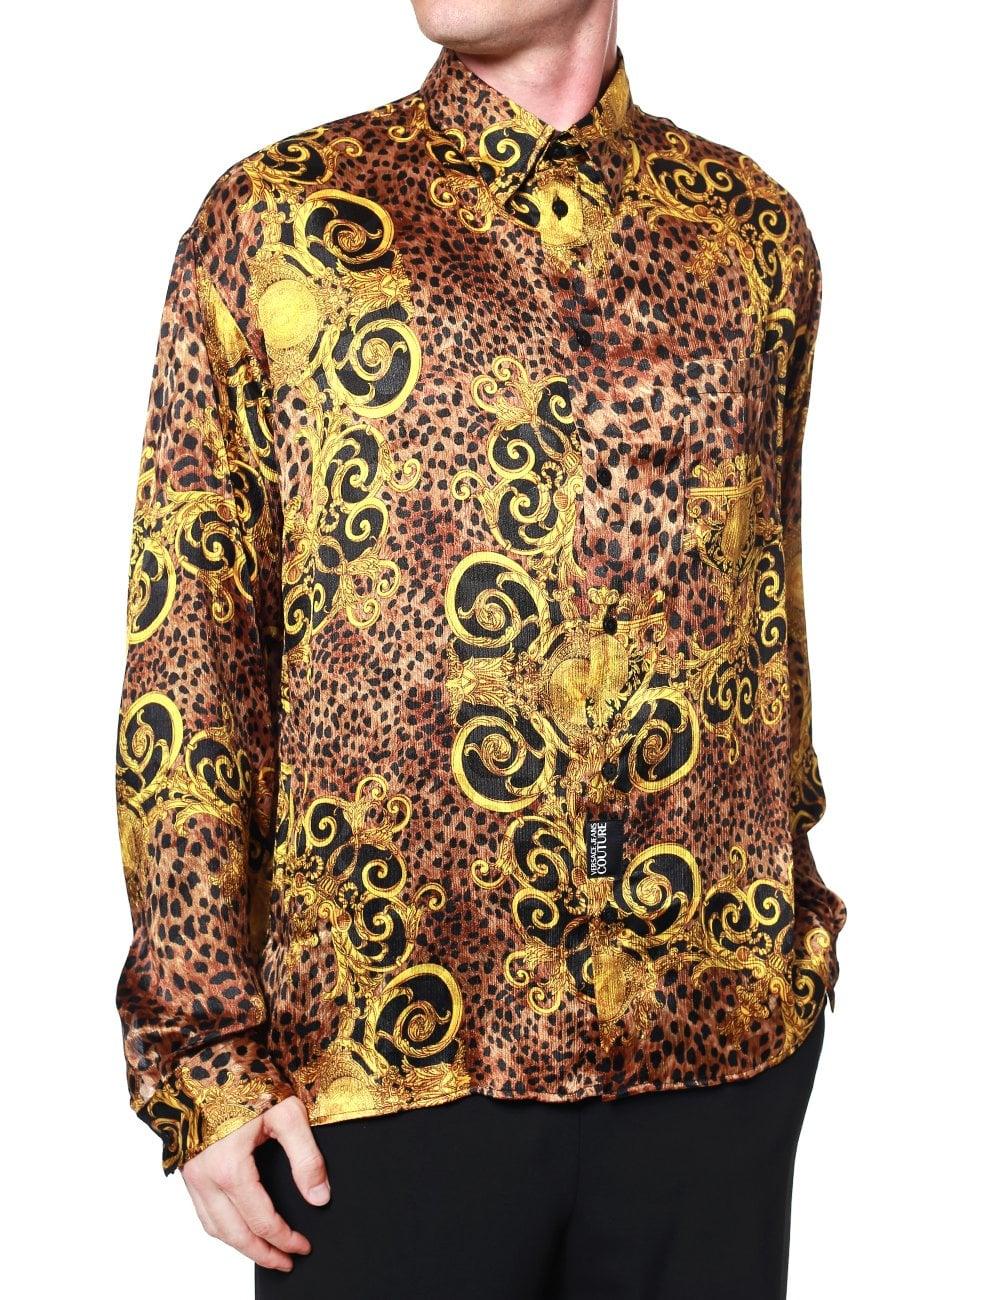 minorista online desigual en el rendimiento Mitad de precio Leopard Baroque Long Sleeve Shirt